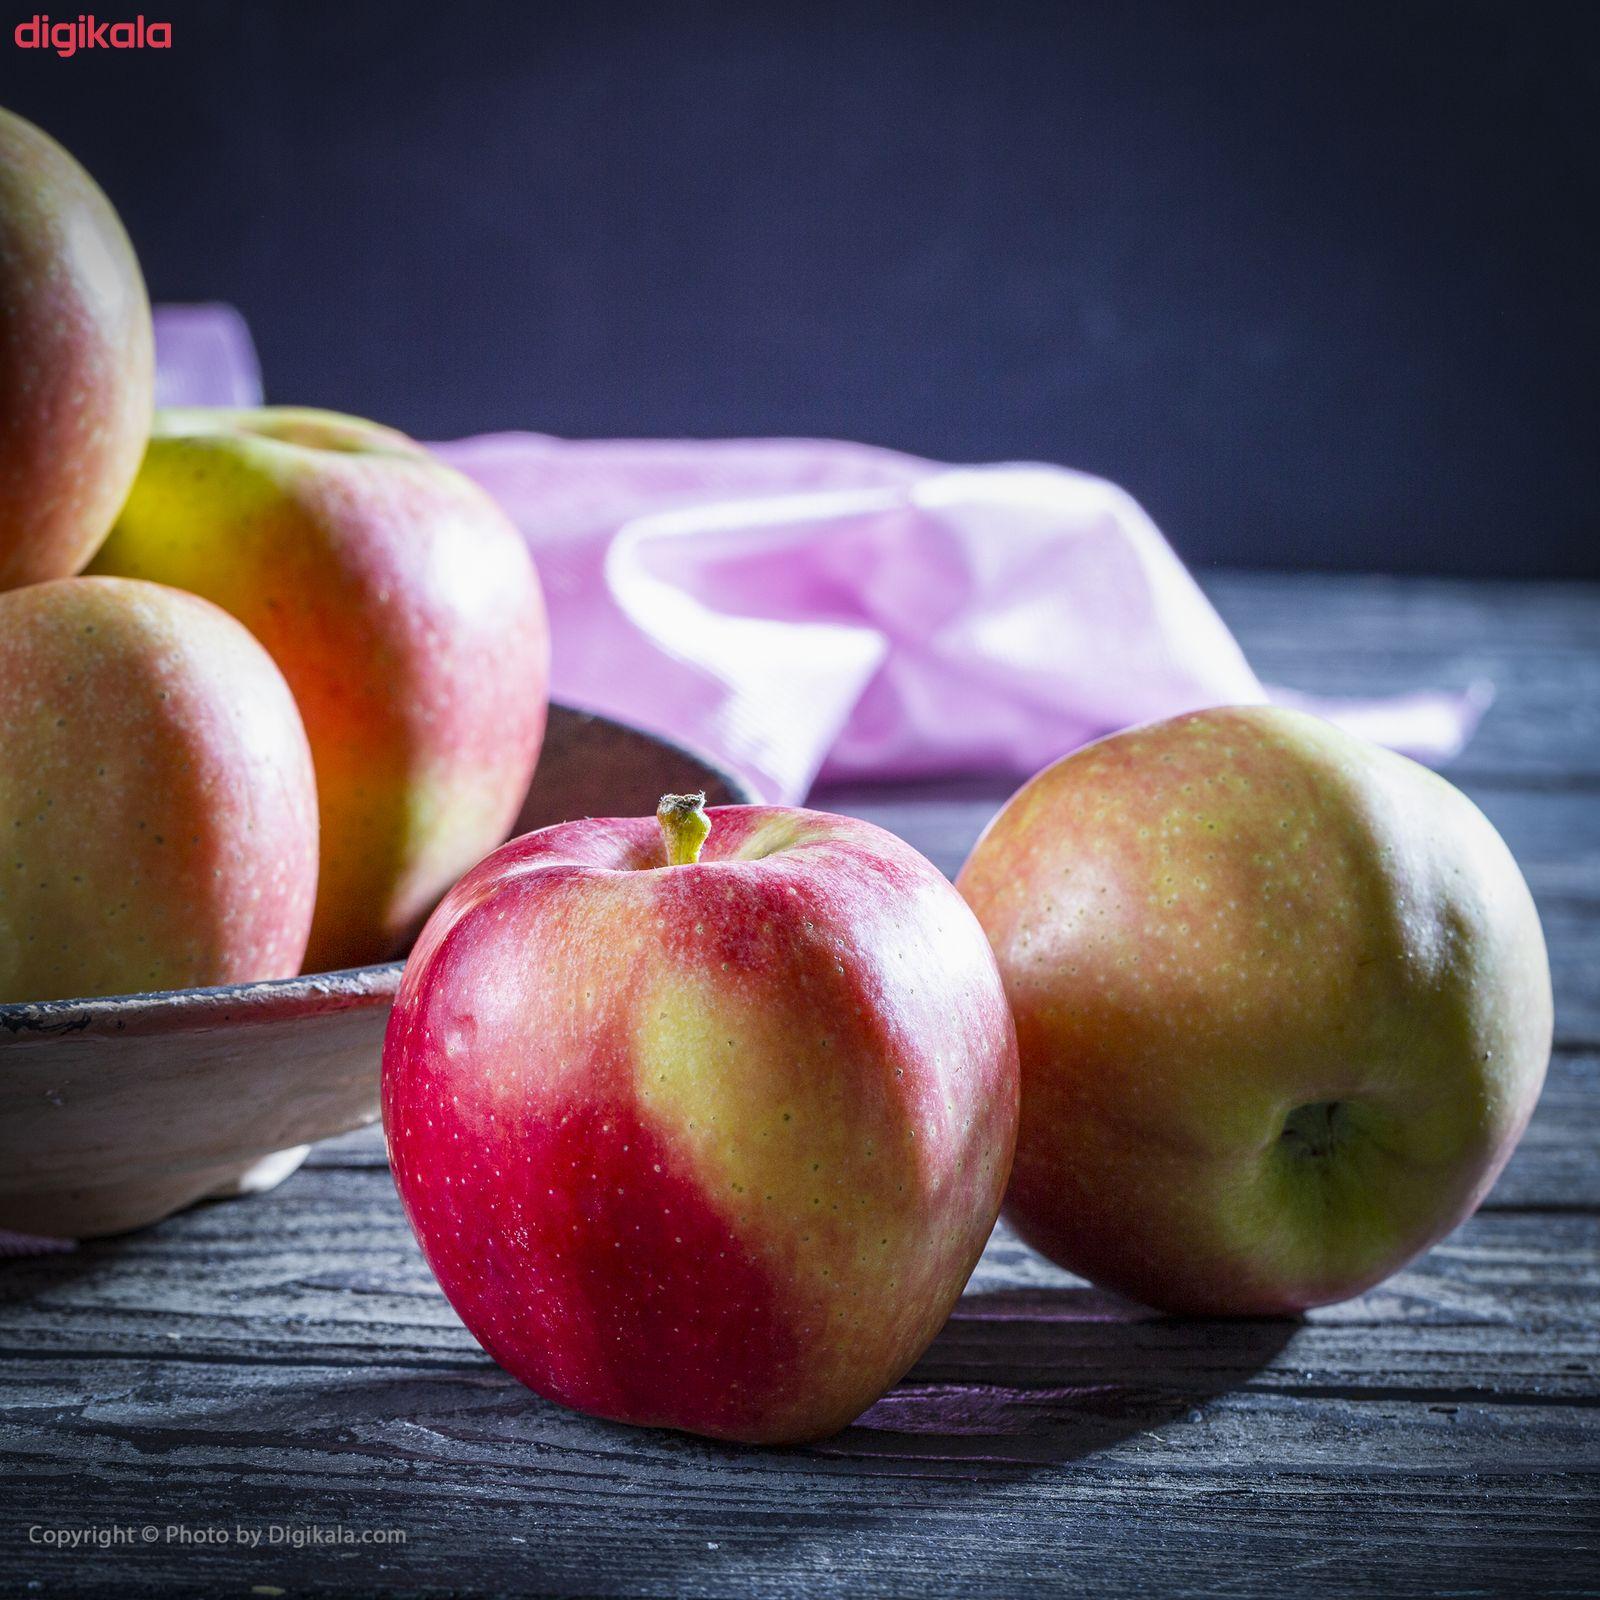 سیب قرمز میوکات - 1 کیلوگرم main 1 2